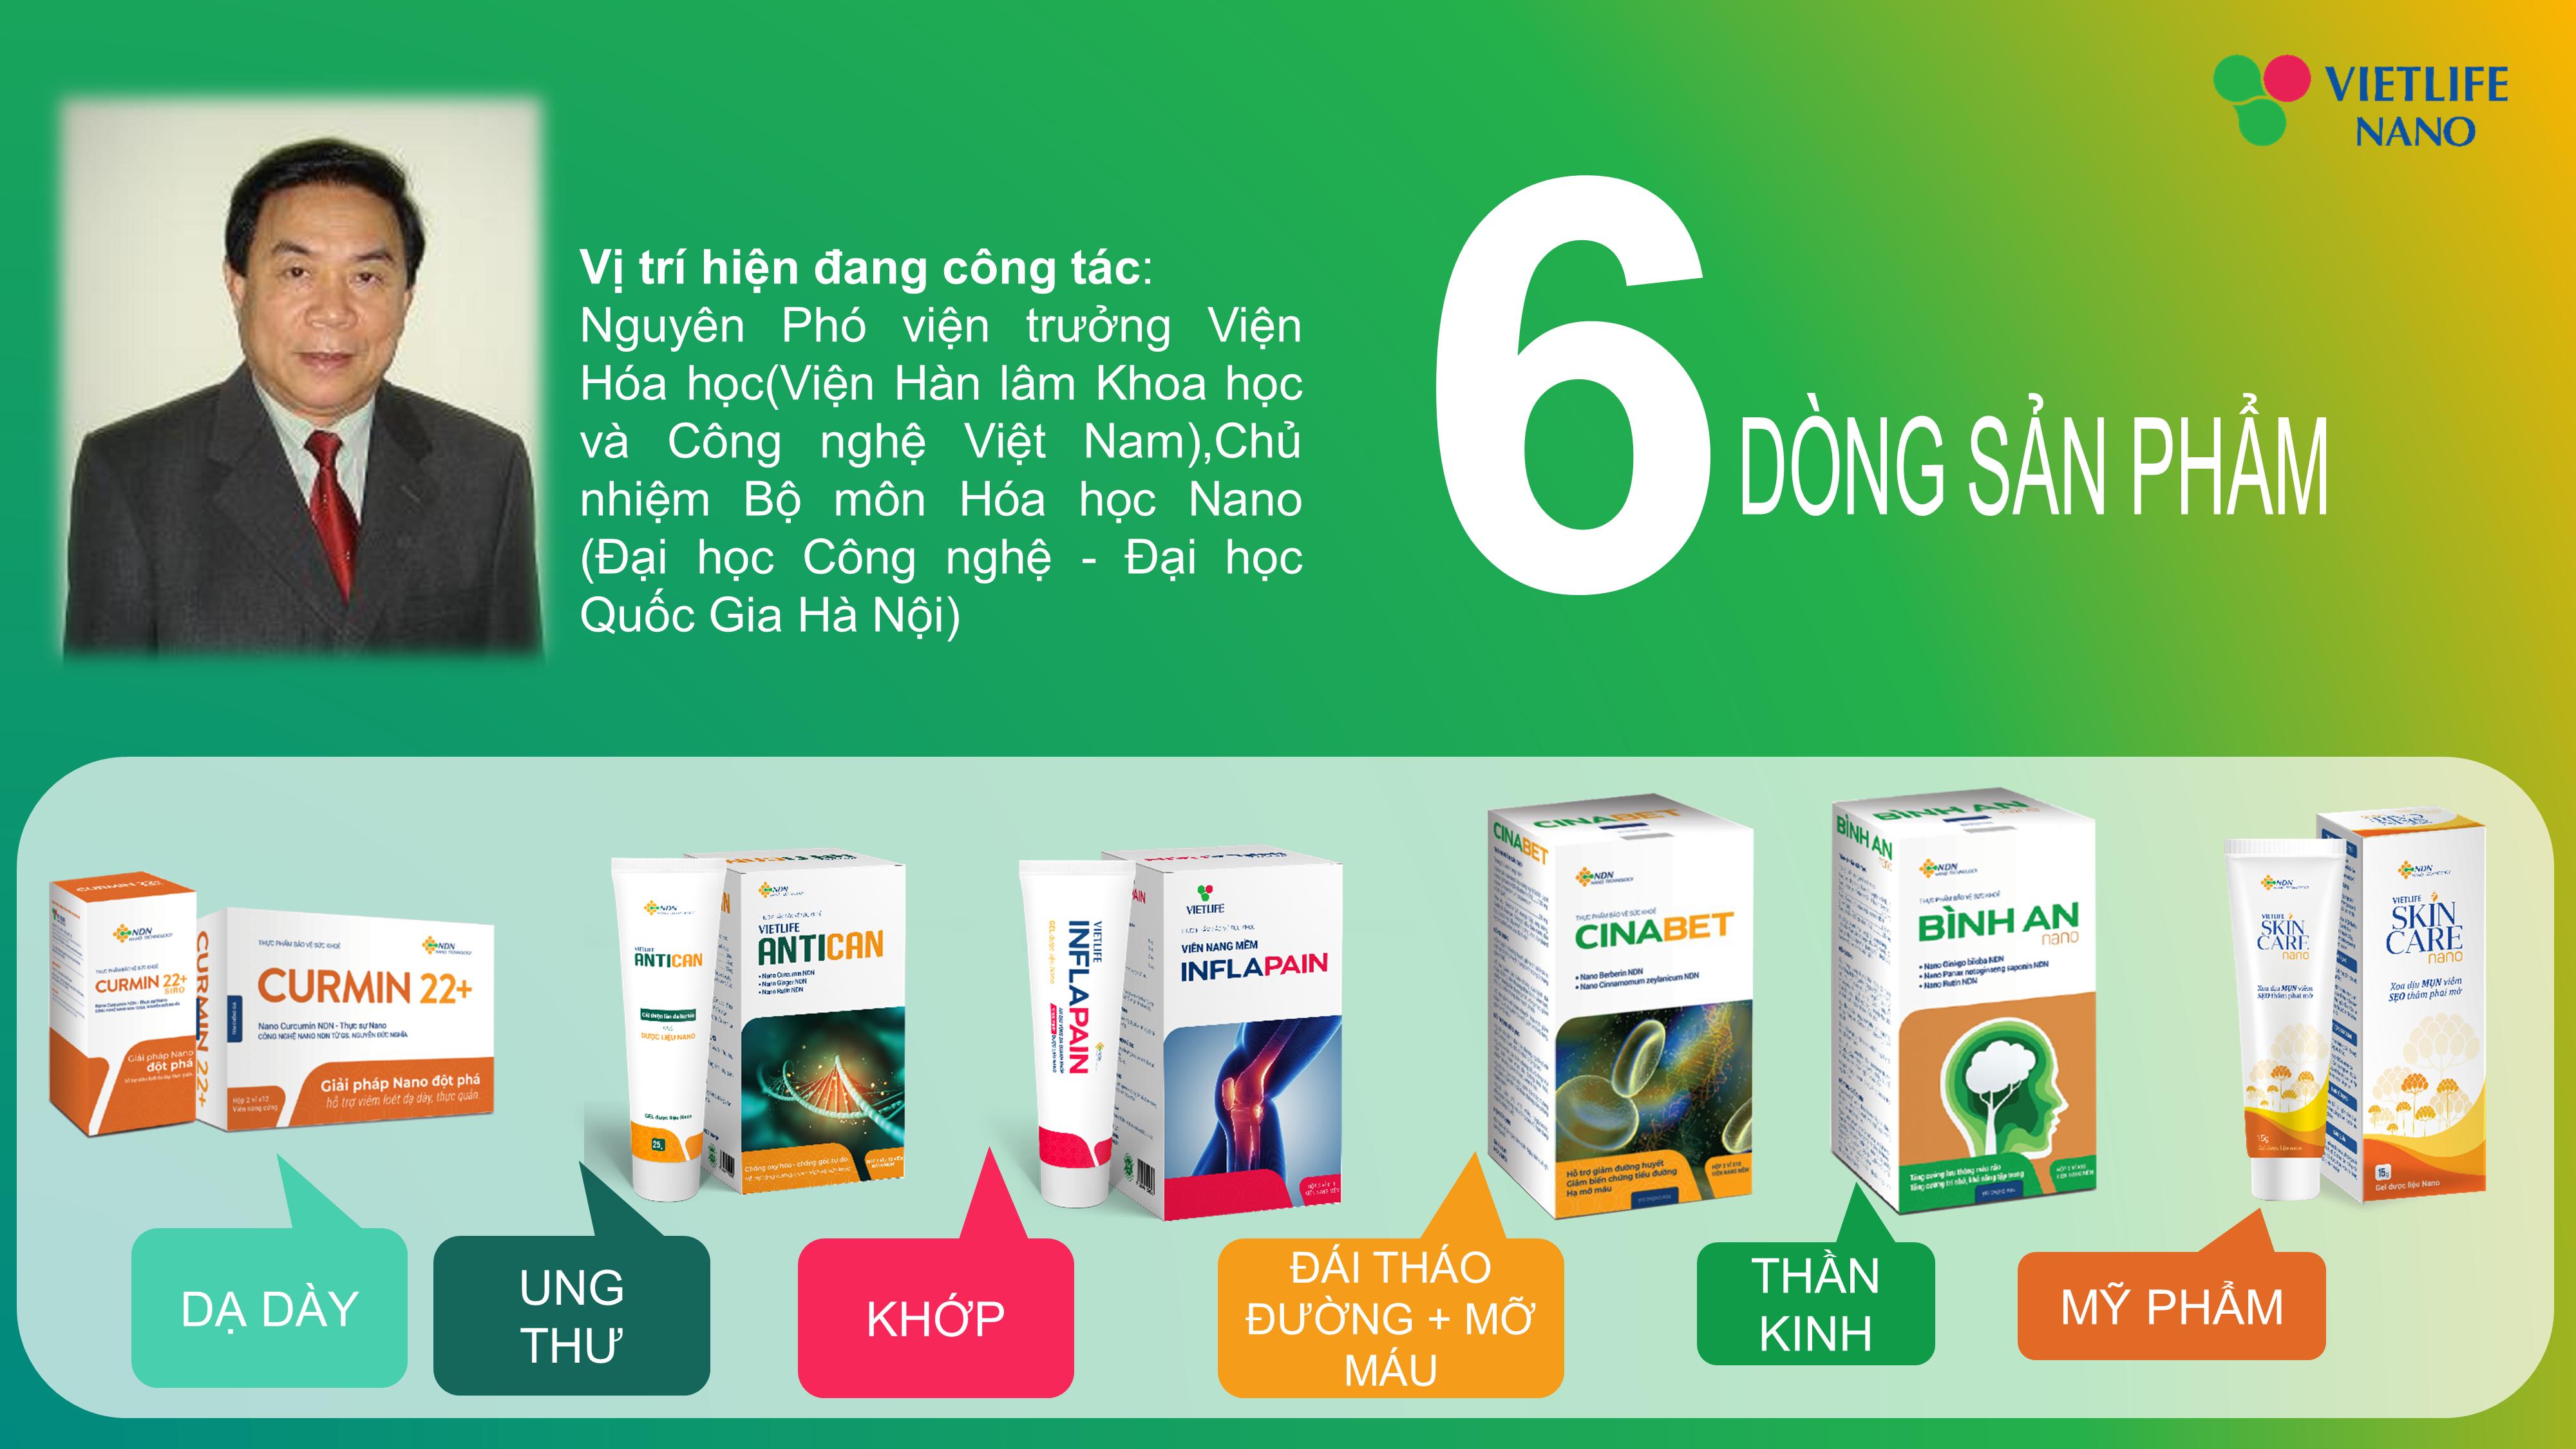 6 dòng sản phẩm Vietlife Nano